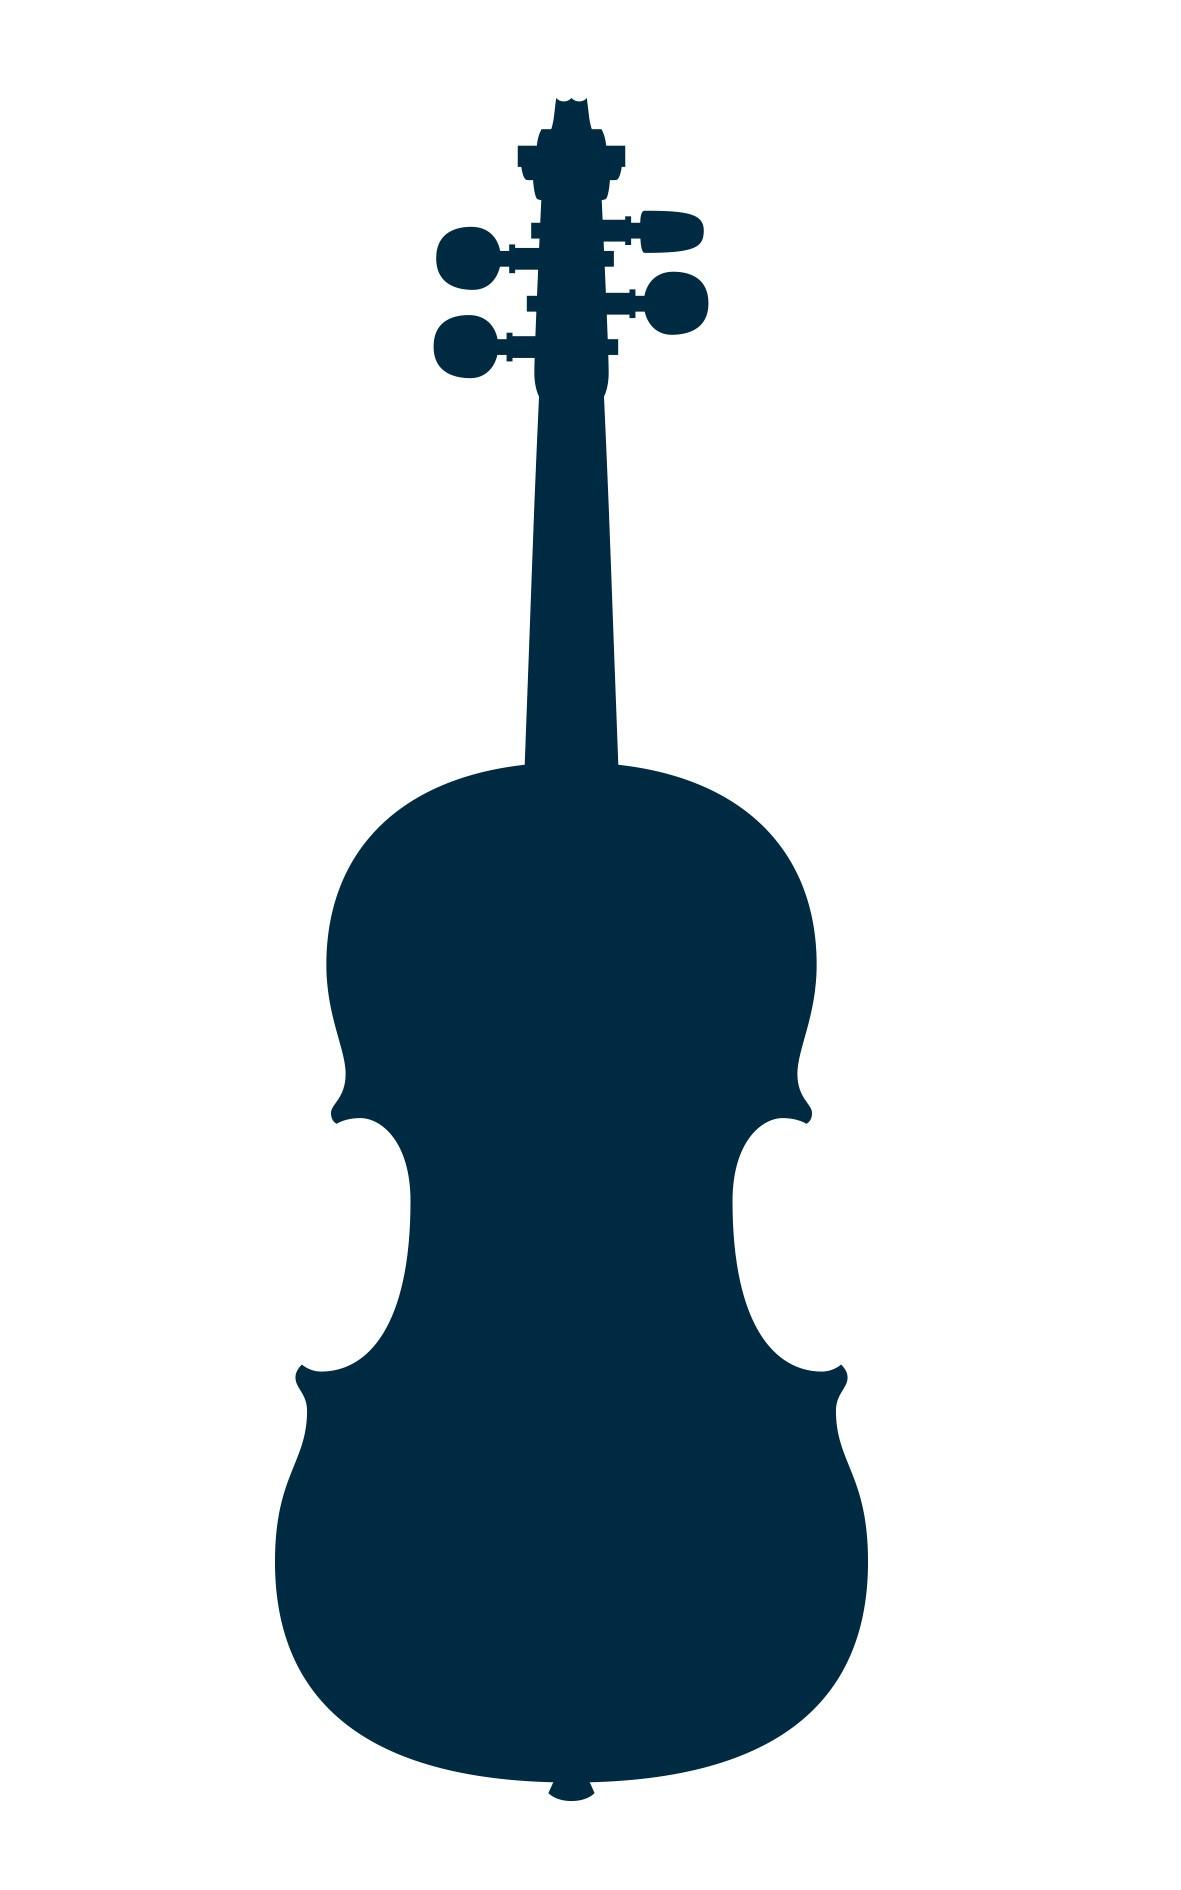 Edmund Paulus violin, Markneukirchen